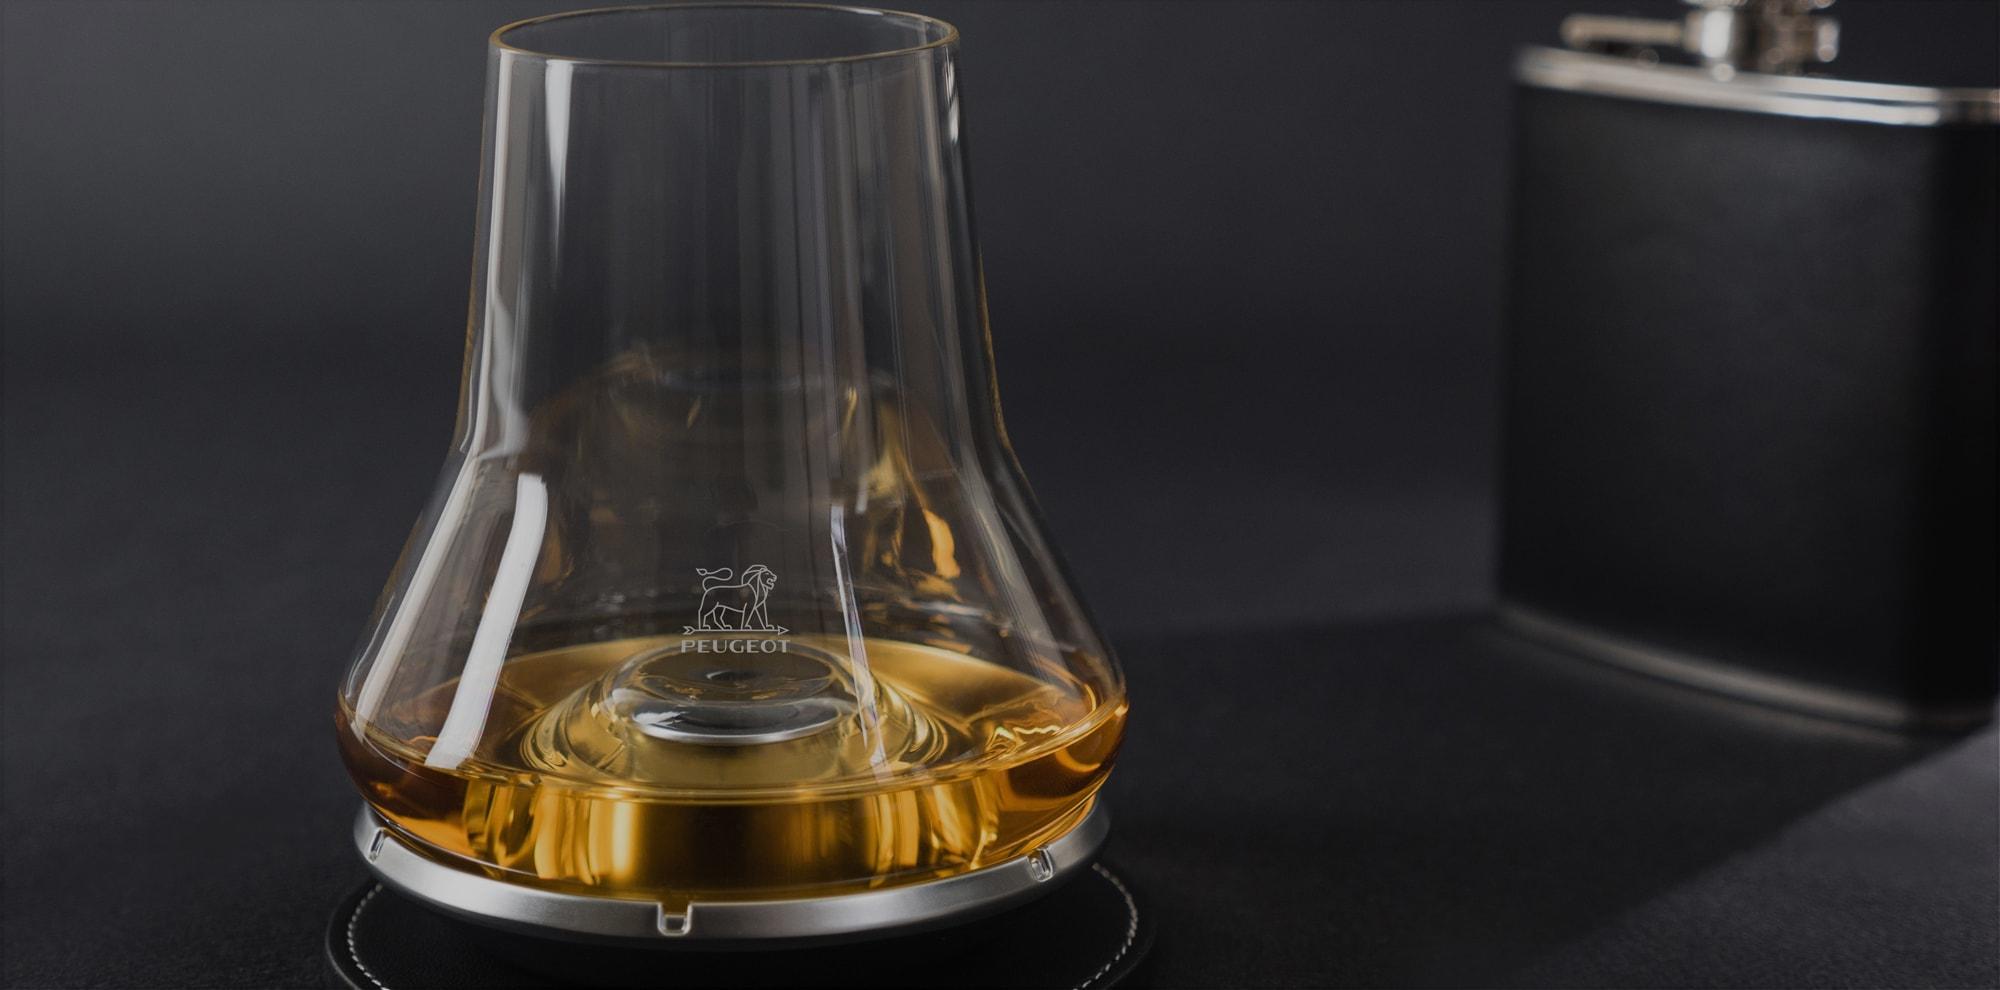 le verre whisky peugeot saveurs. Black Bedroom Furniture Sets. Home Design Ideas